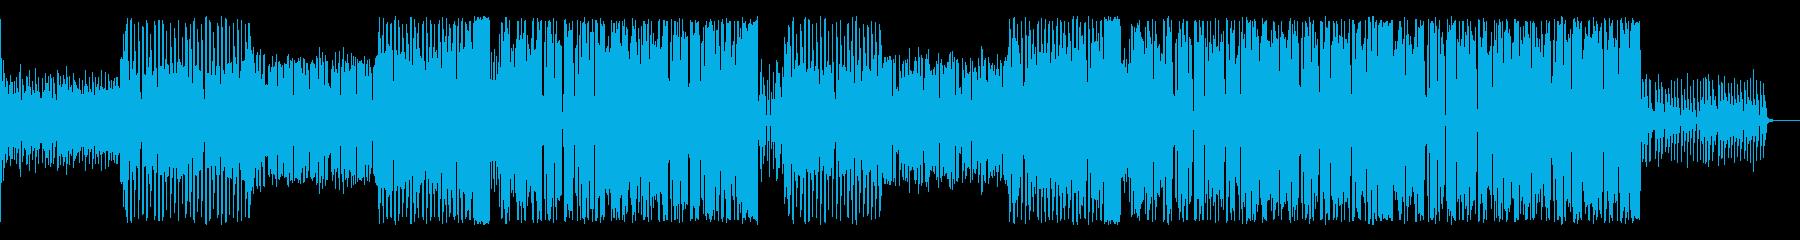 企業VP・Future Bassの再生済みの波形